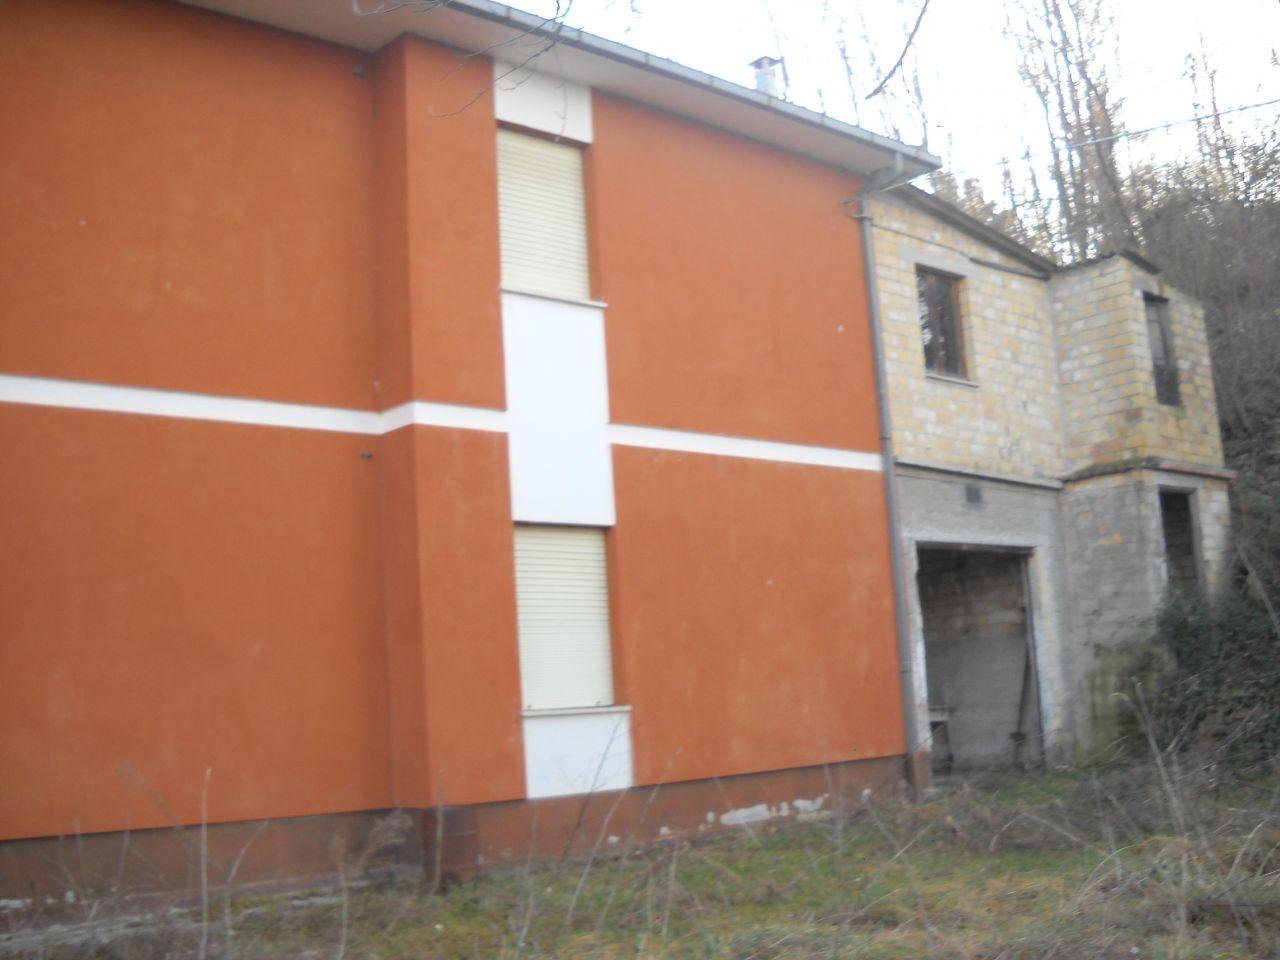 Soluzione Indipendente in vendita a Force, 9999 locali, zona Località: FrazioneQuinzano, prezzo € 199.000 | Cambio Casa.it